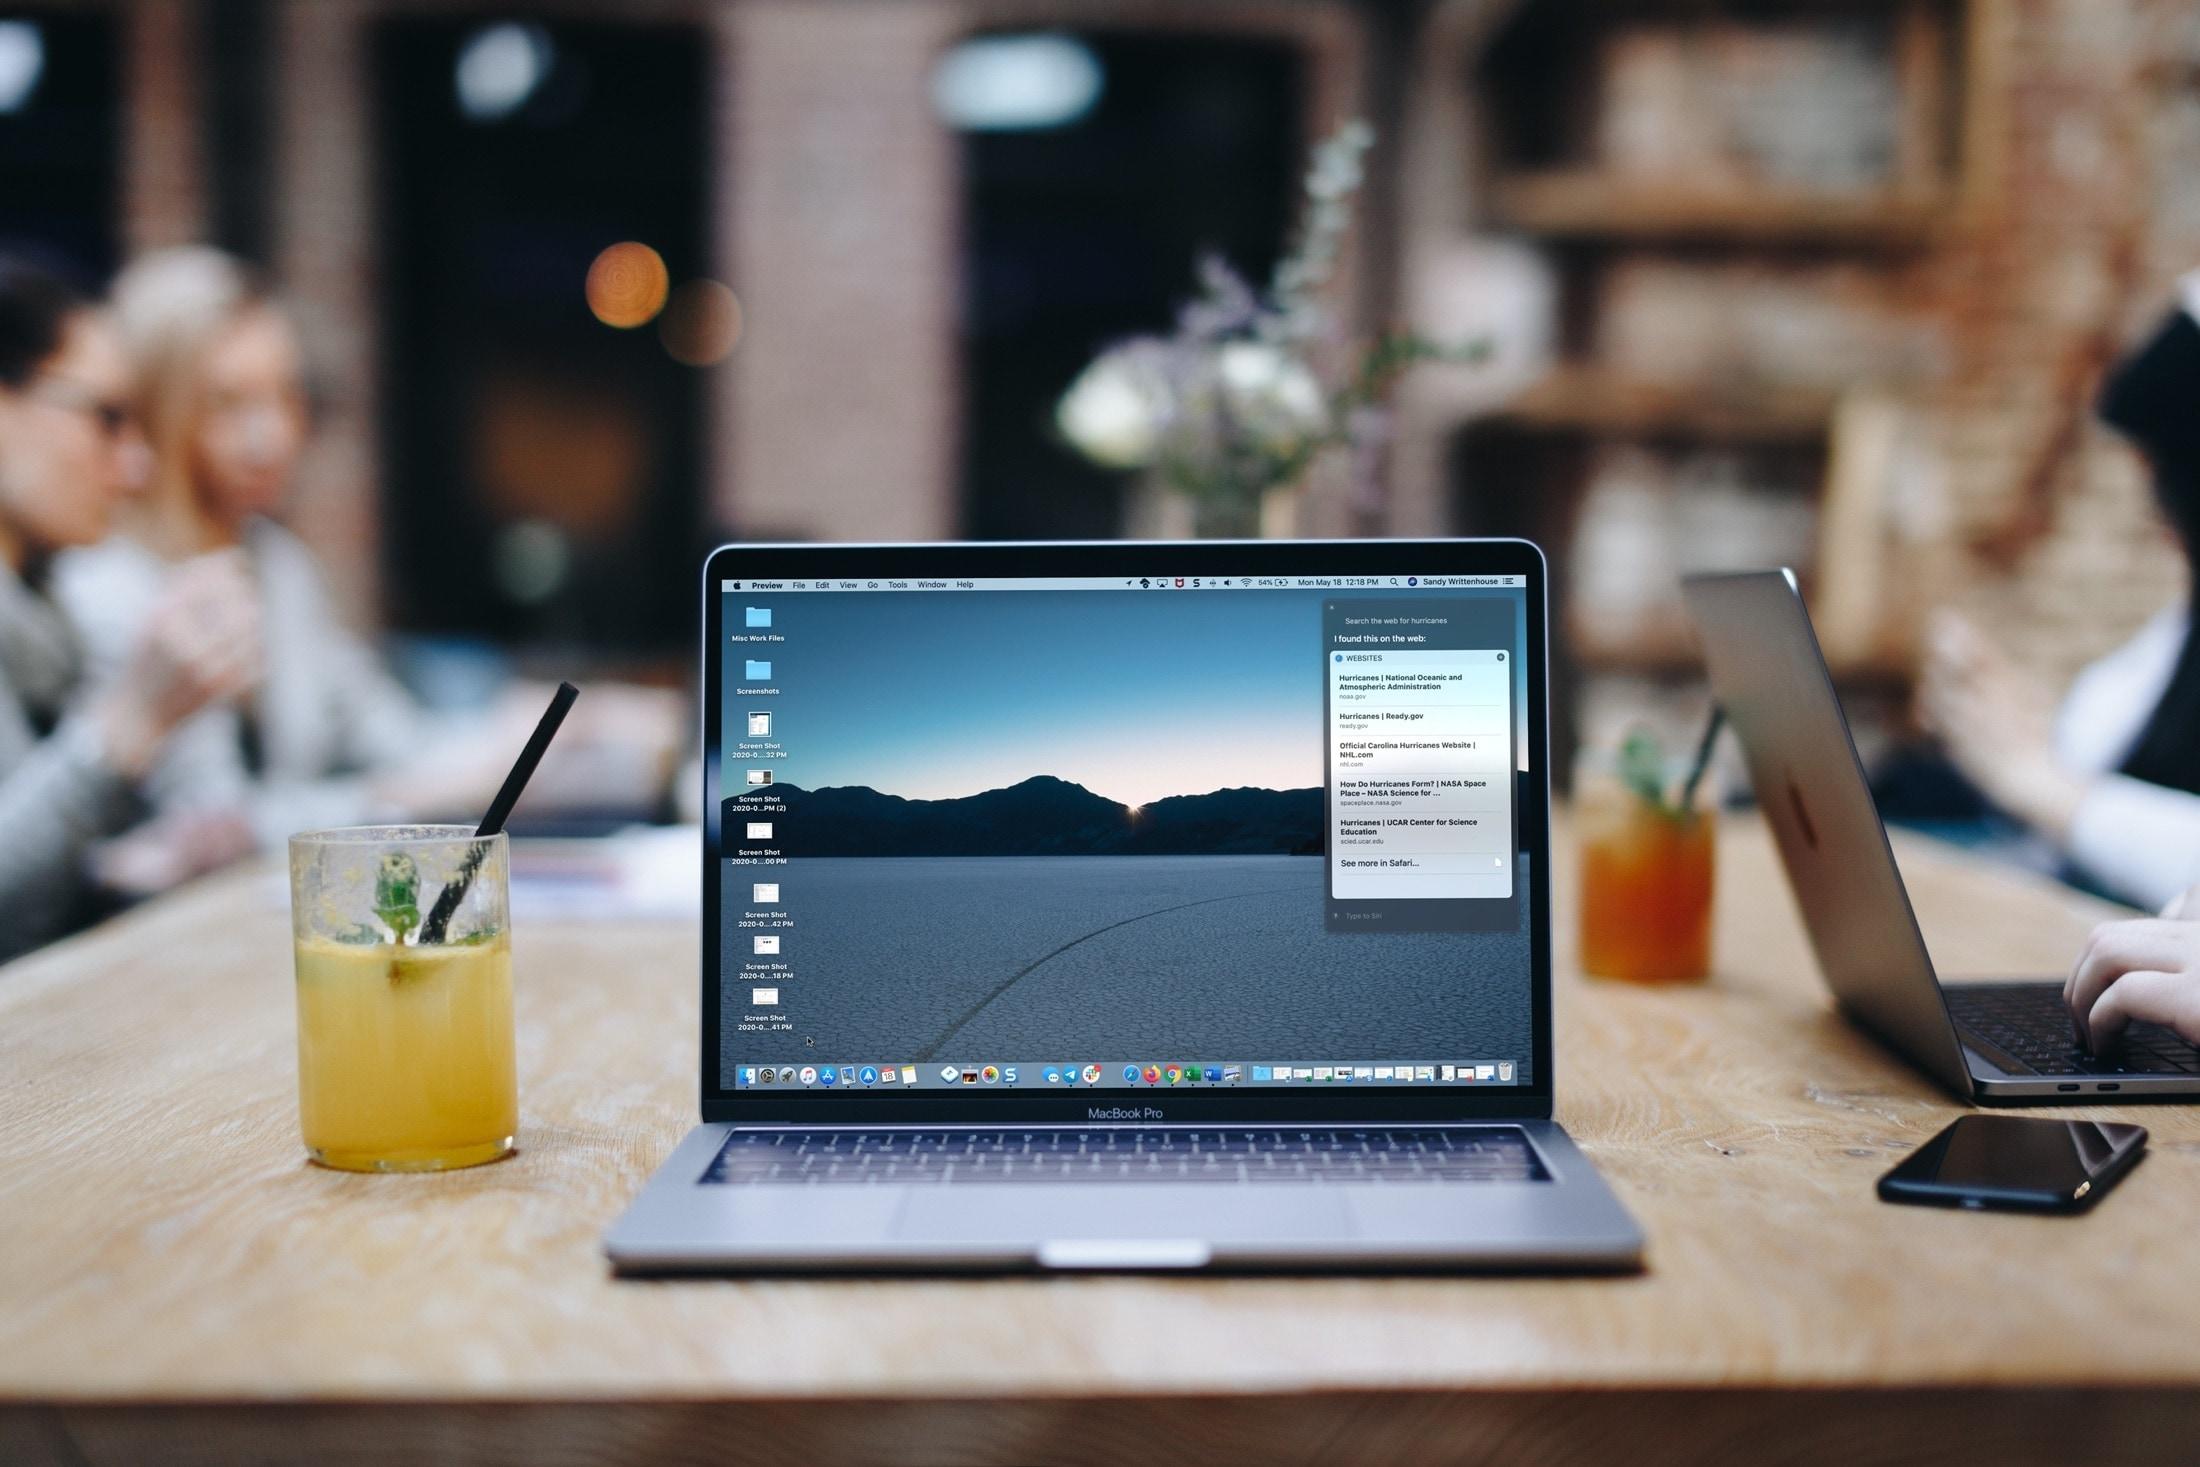 Use Siri To Search the Web on Mac